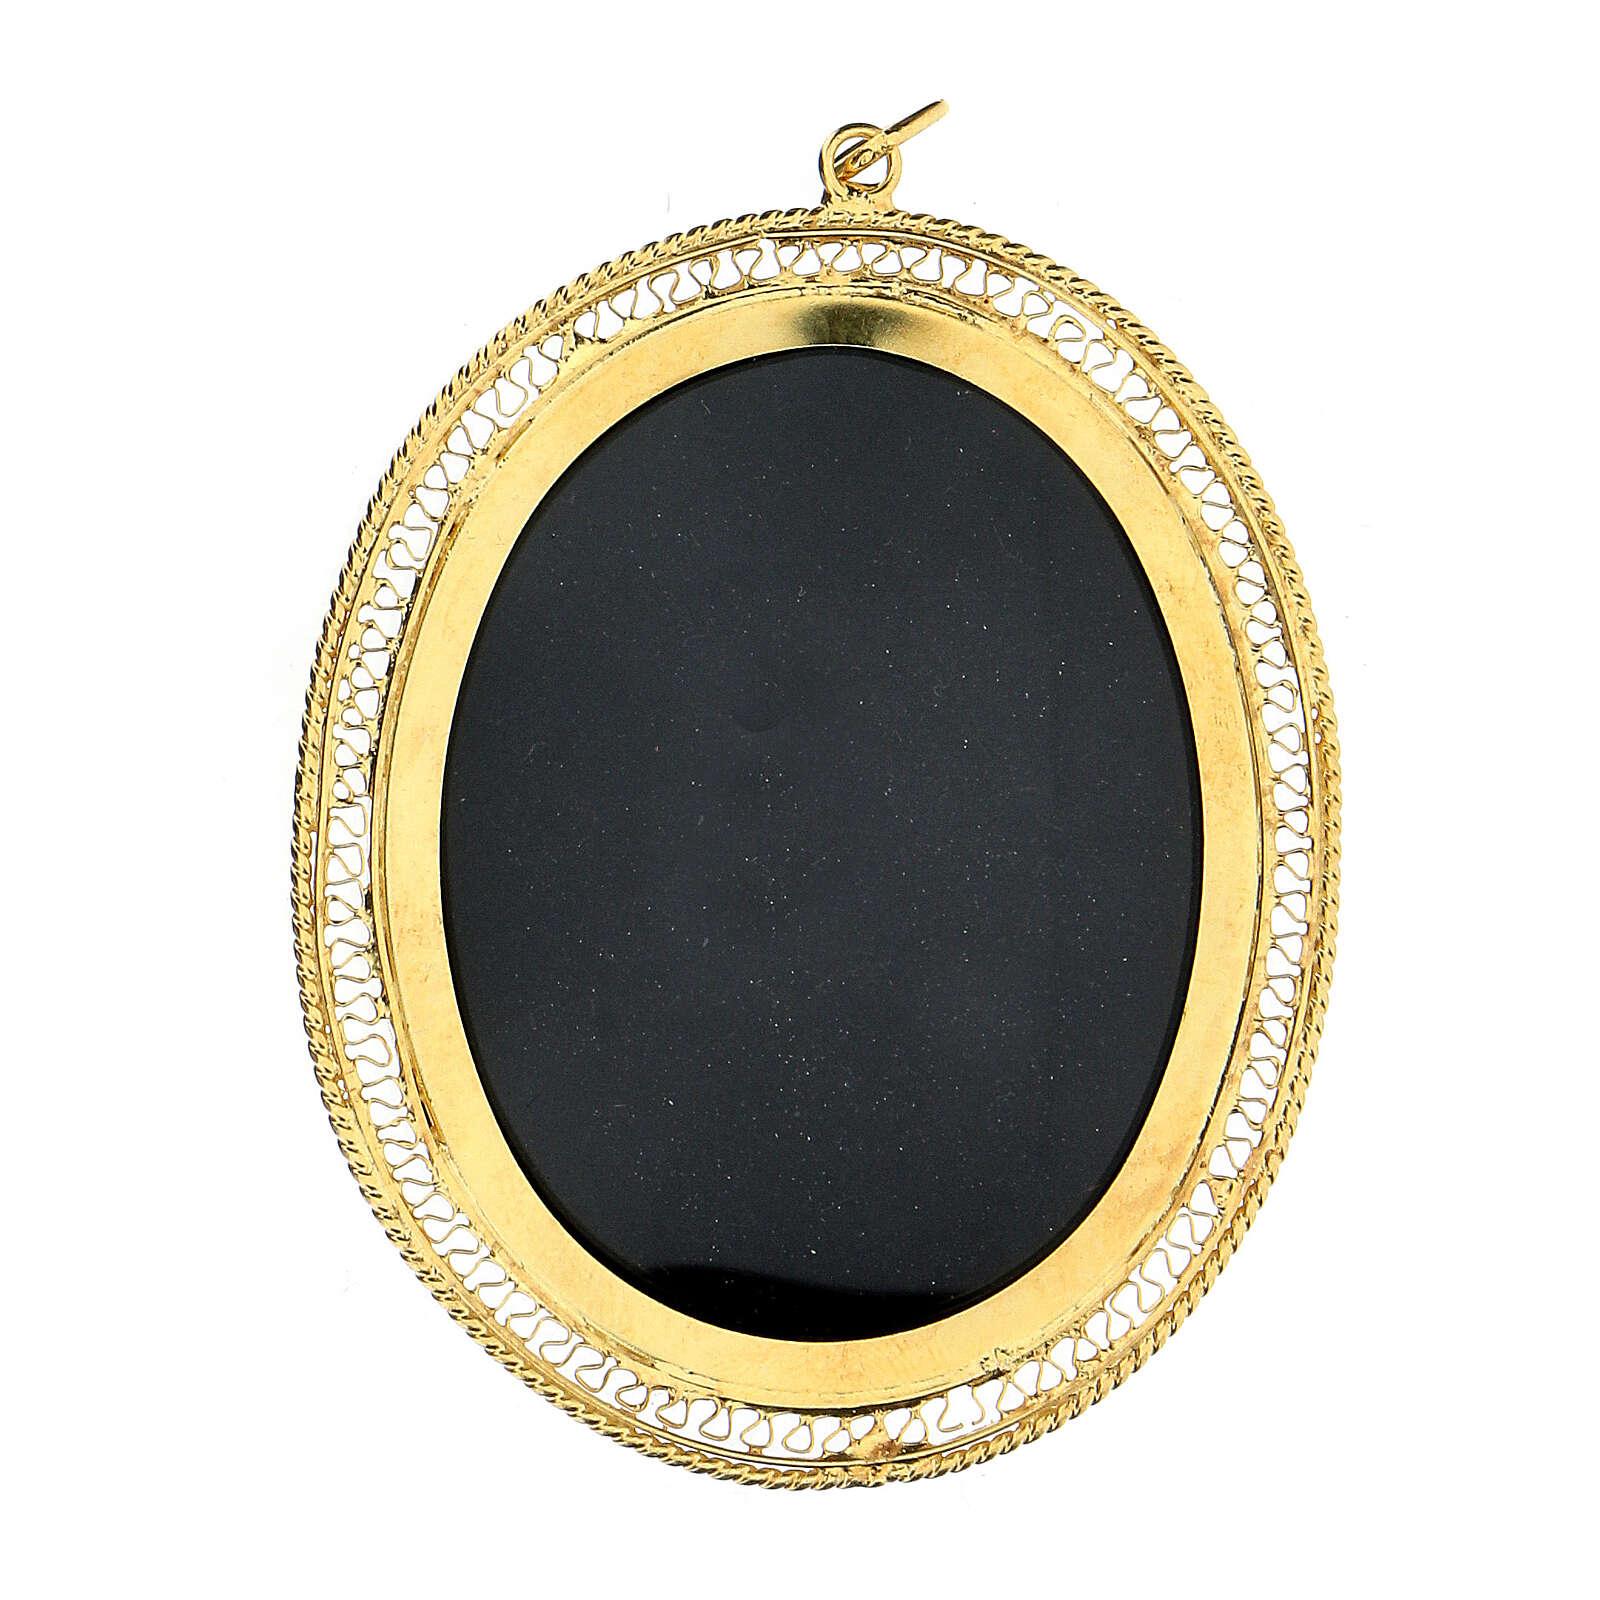 Relicario para reliquias ovalado filigrana plata 800 dorada 6x5 cm 4